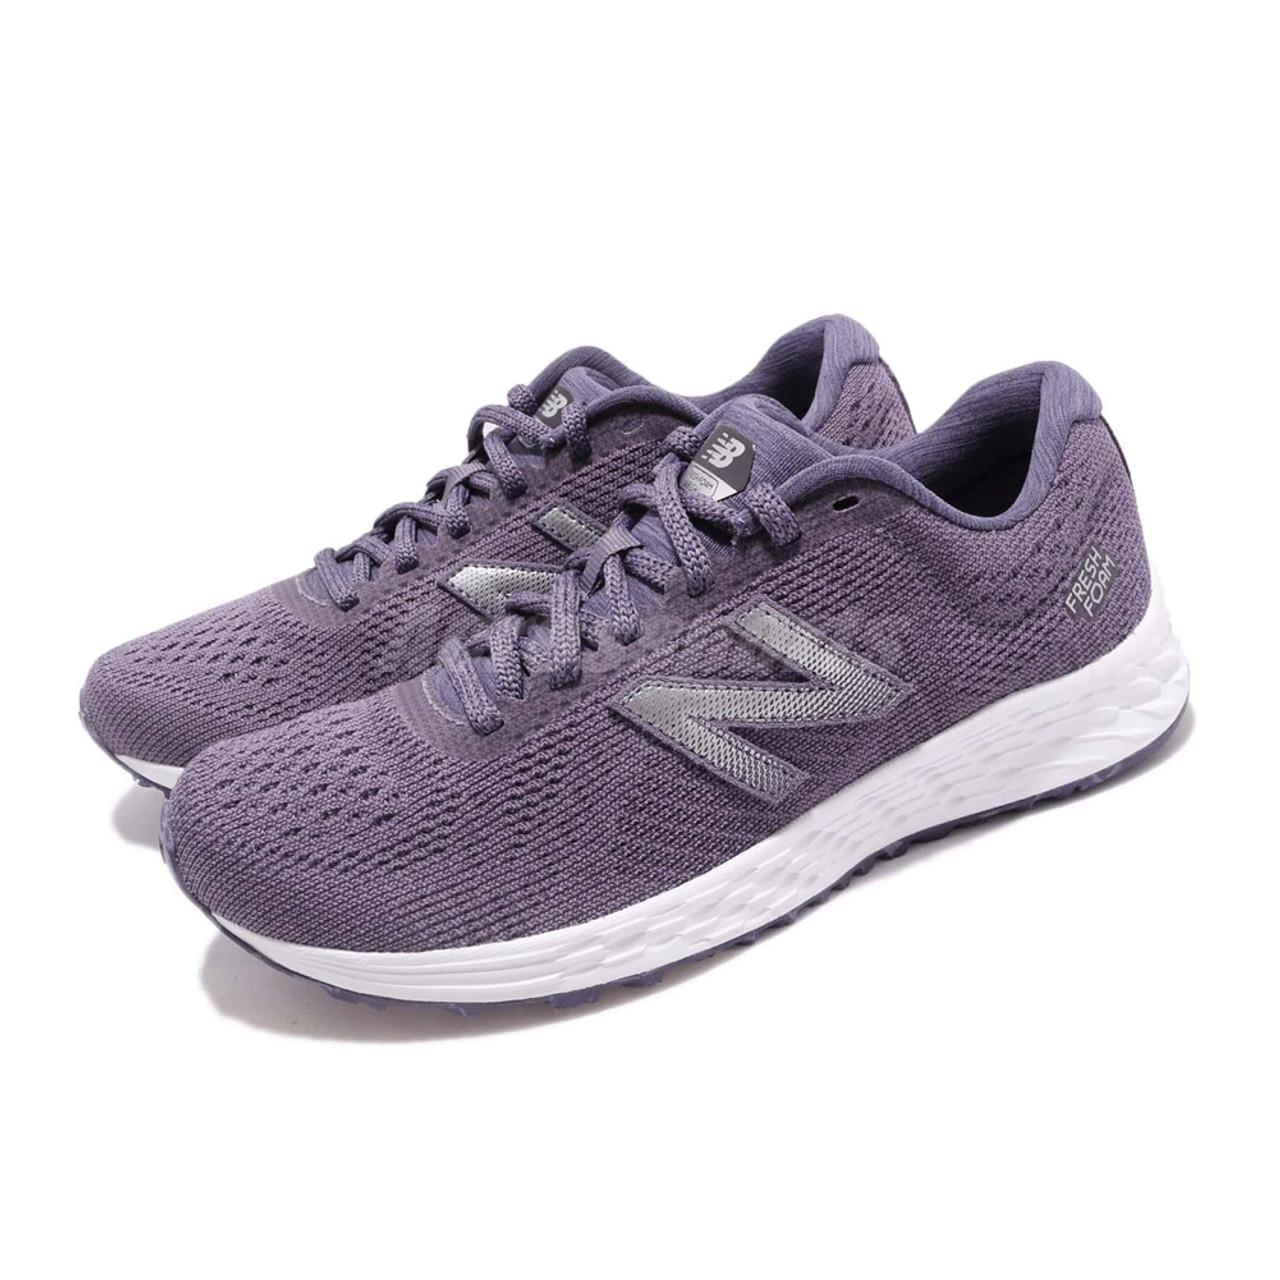 New Balance Women's WARISSA1 Running Shoe Purple